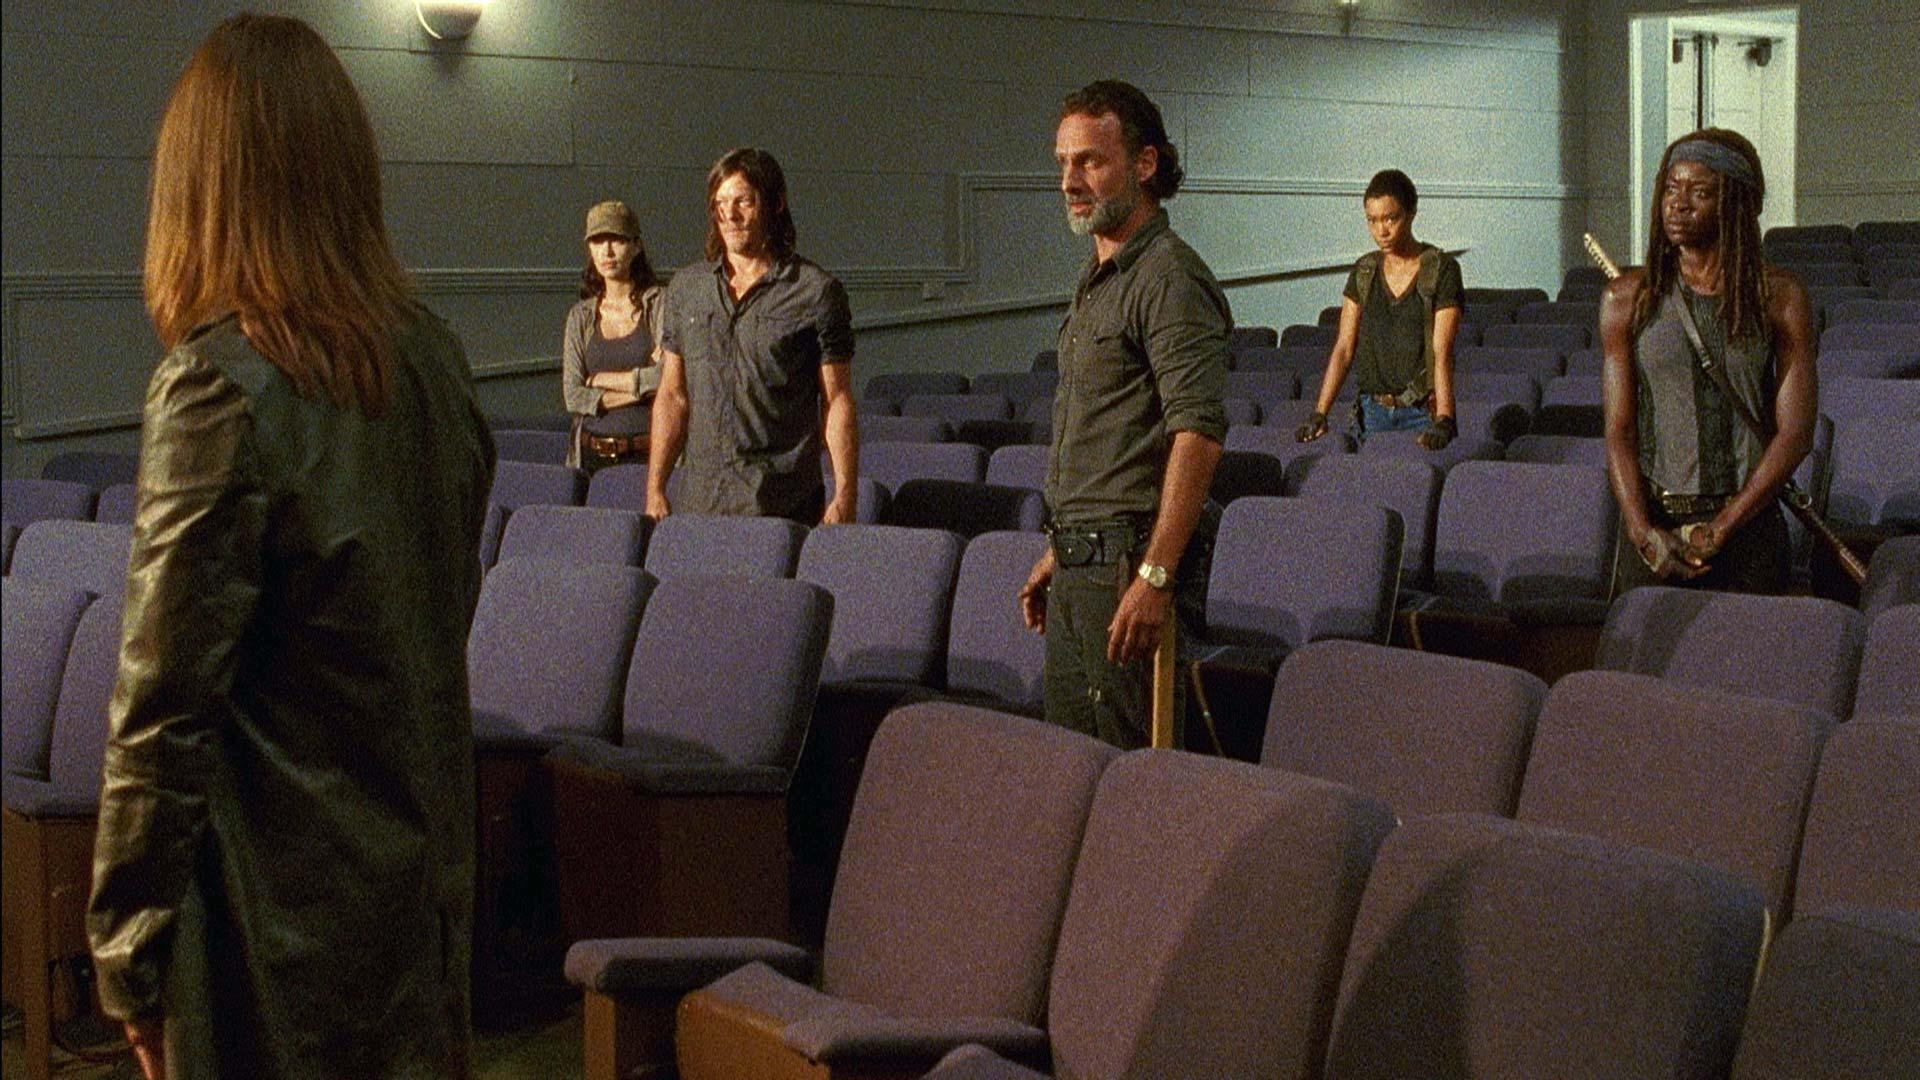 Car In The Walking Dead Episode